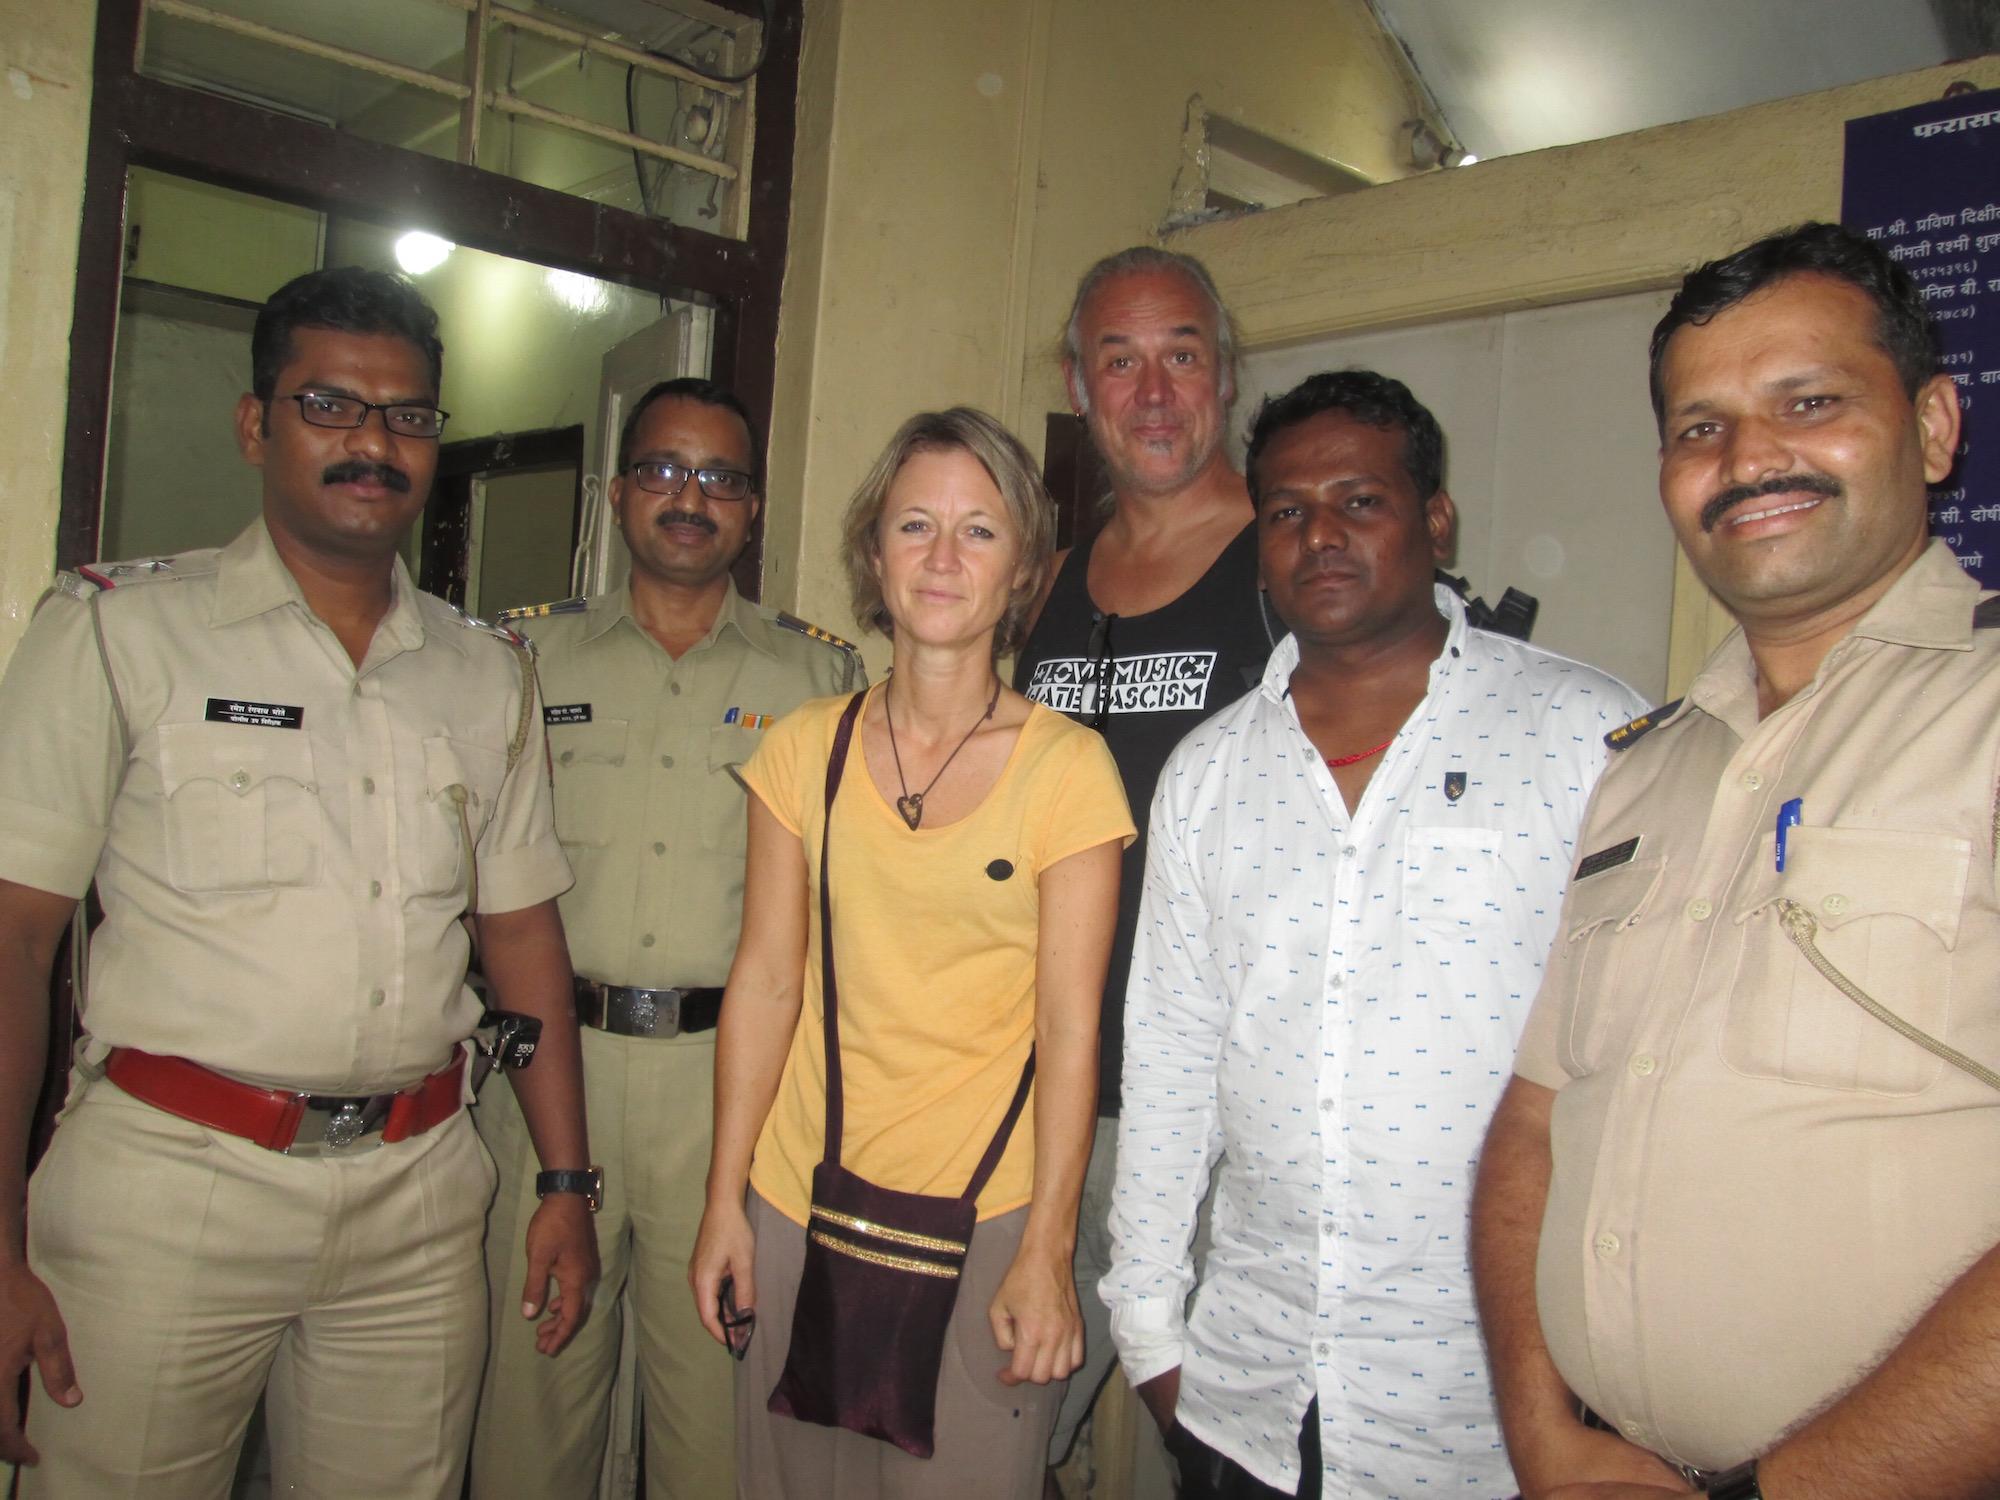 Steffi und Uwe besuchen unter Polizeischutz Bordelle in Indien